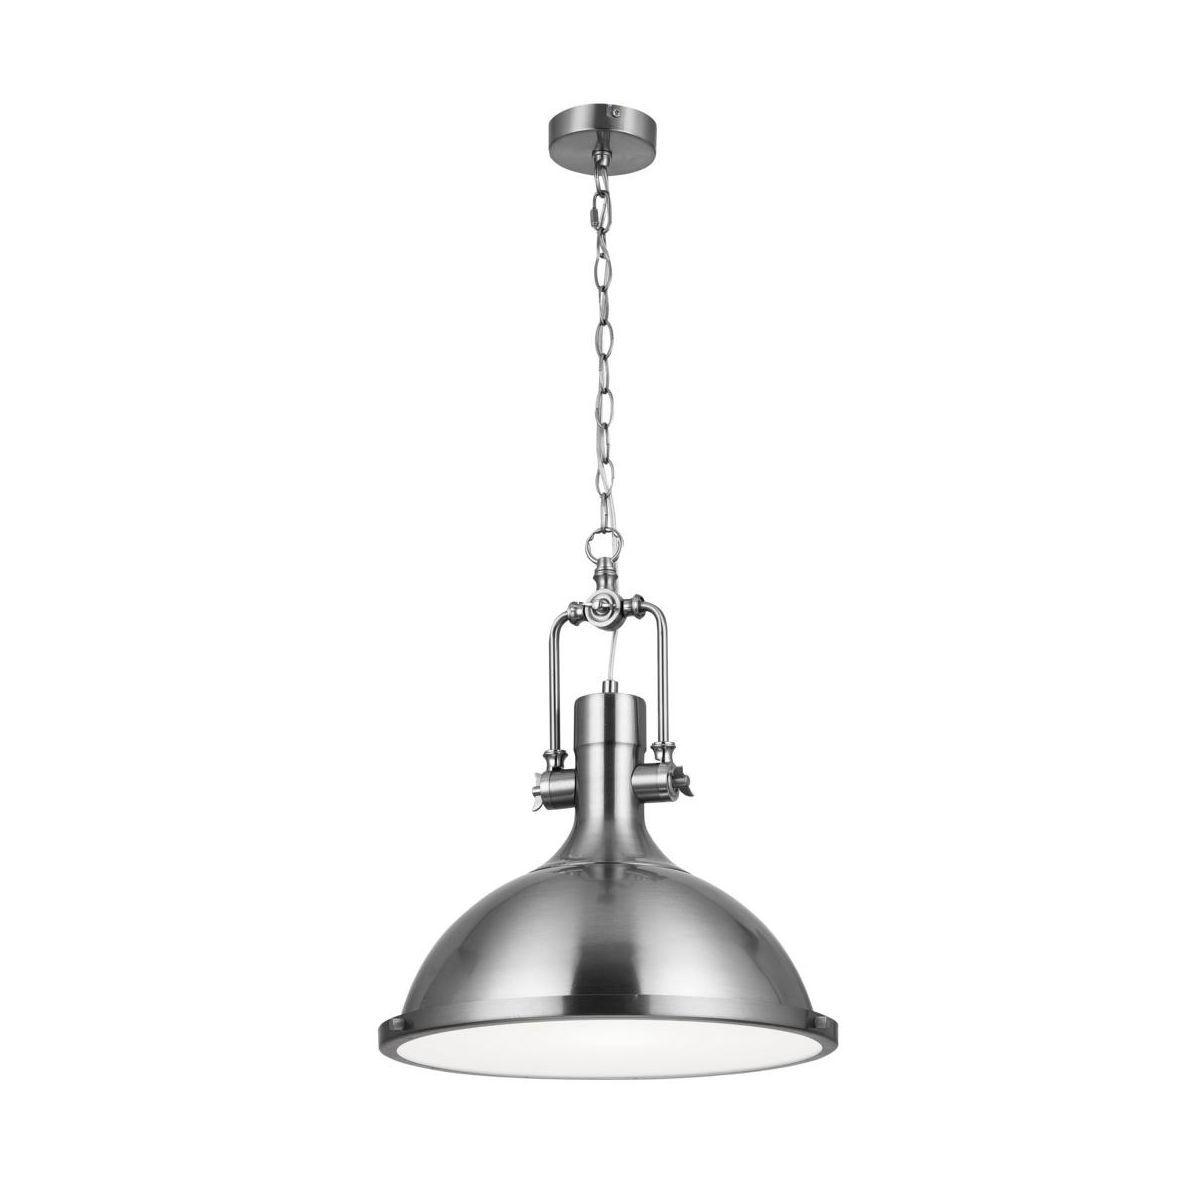 Lampa Wiszaca Milton Srebrna E27 Reality Zyrandole Lampy Wiszace I Sufitowe W Atrakcyjnej Cenie W Sklepach Leroy Merlin Pendant Light Ceiling Lights Light